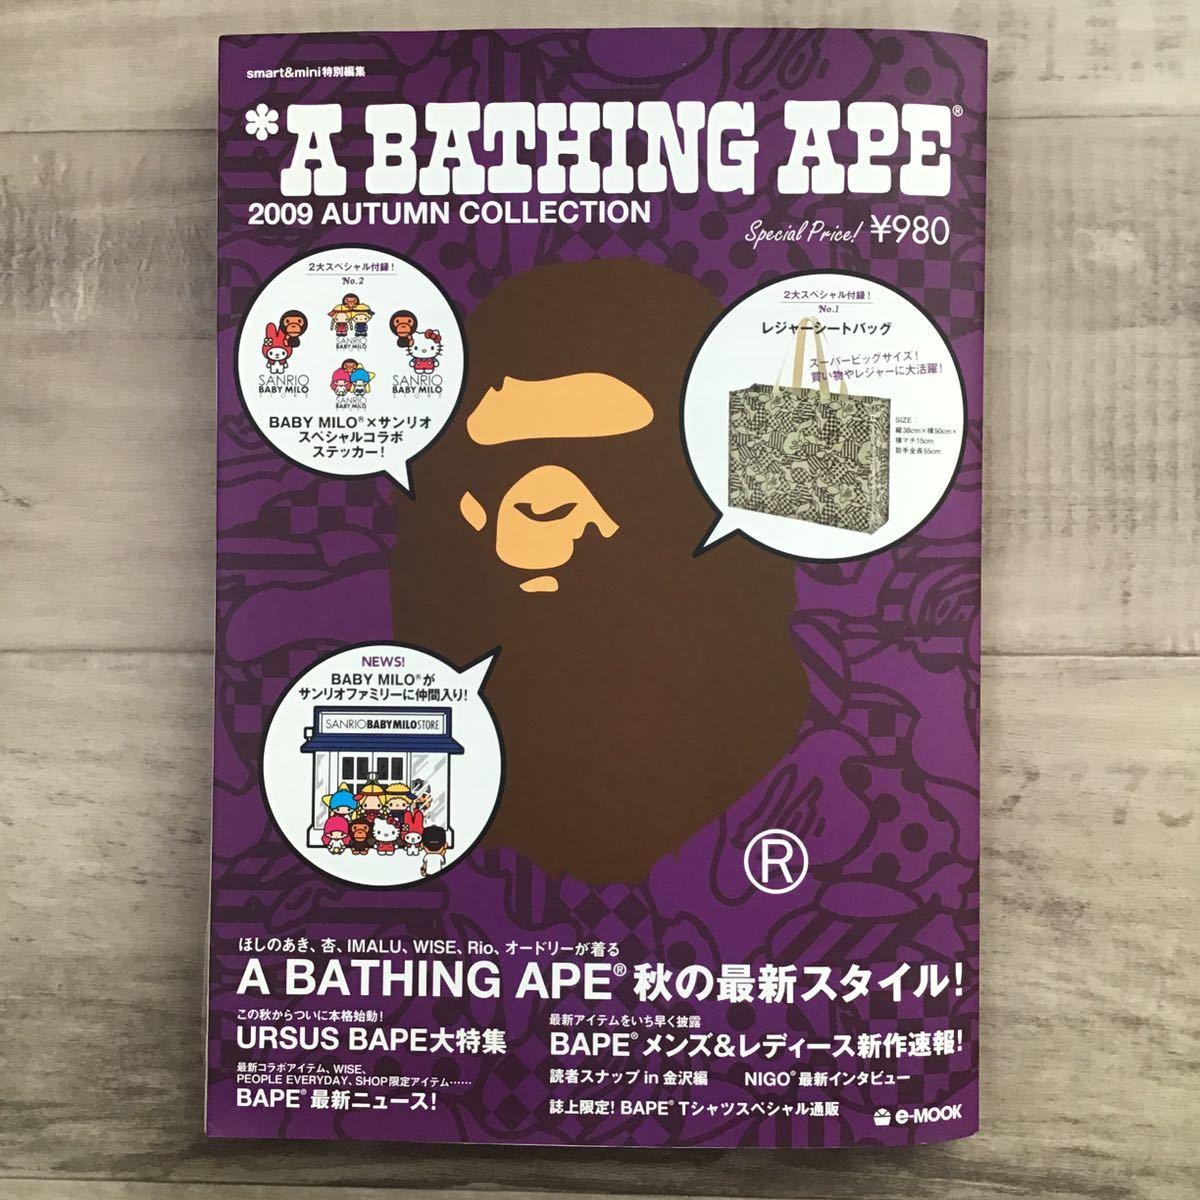 ★付録未開封★ 2009 AUTUMN ムック本 a bathing ape bape cookie camo mook エイプ ベイプ 付録 本 レジャーシートバッグ nigo